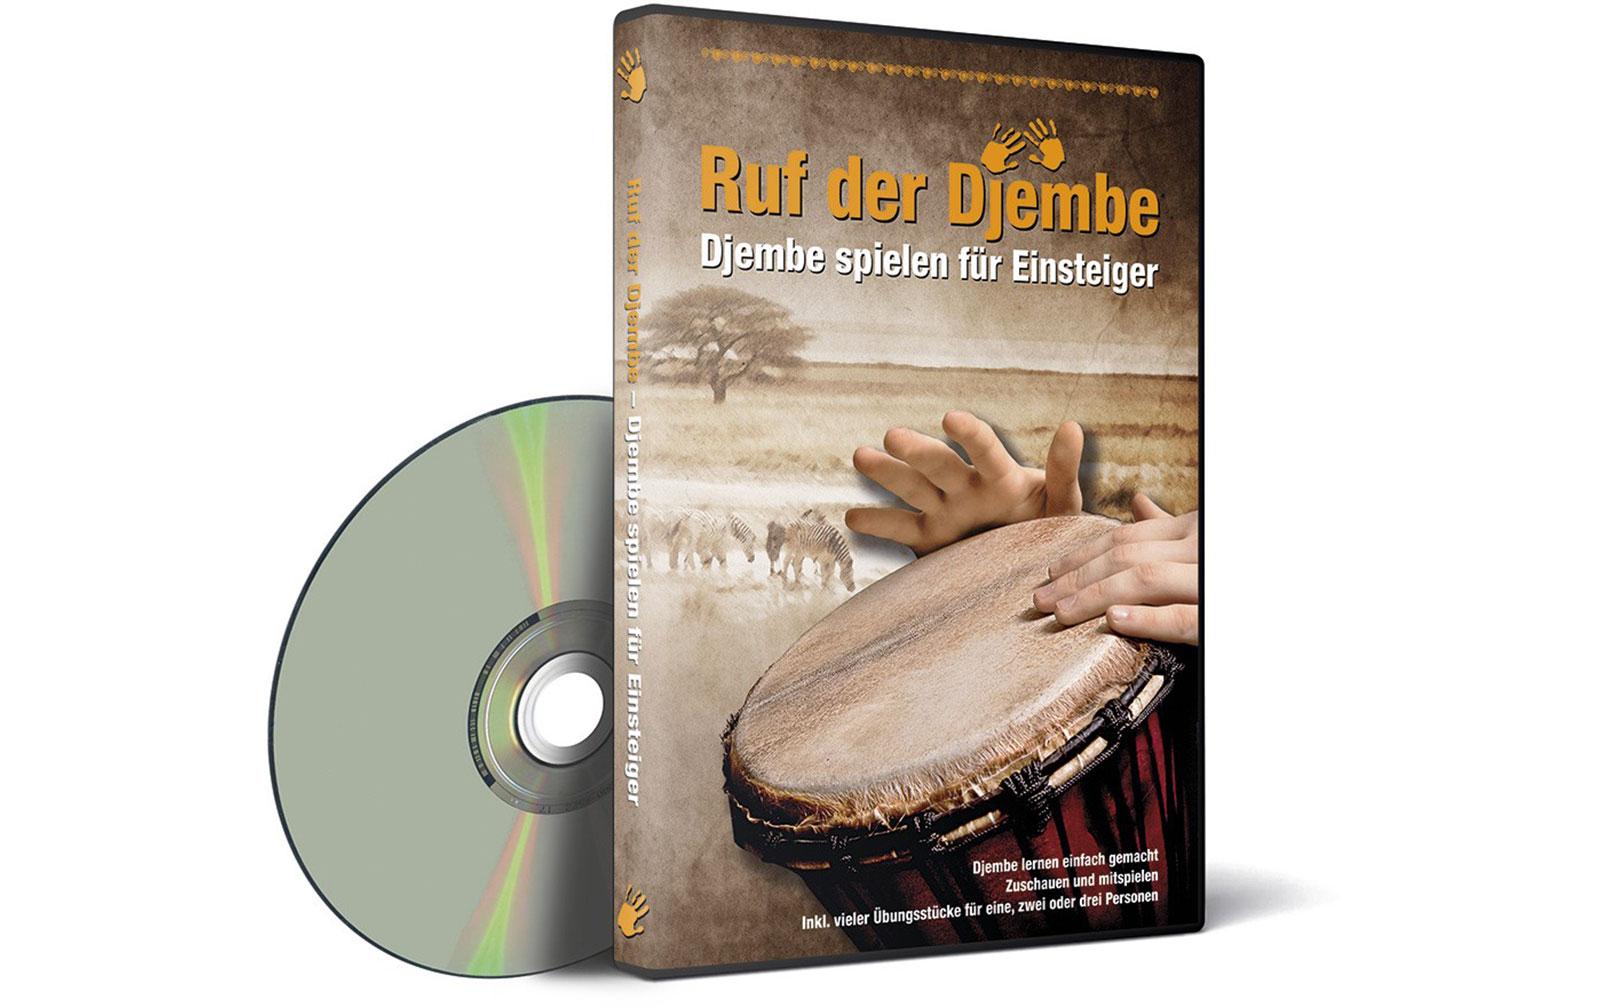 dvd-lernkurs-ruf-der-djembe